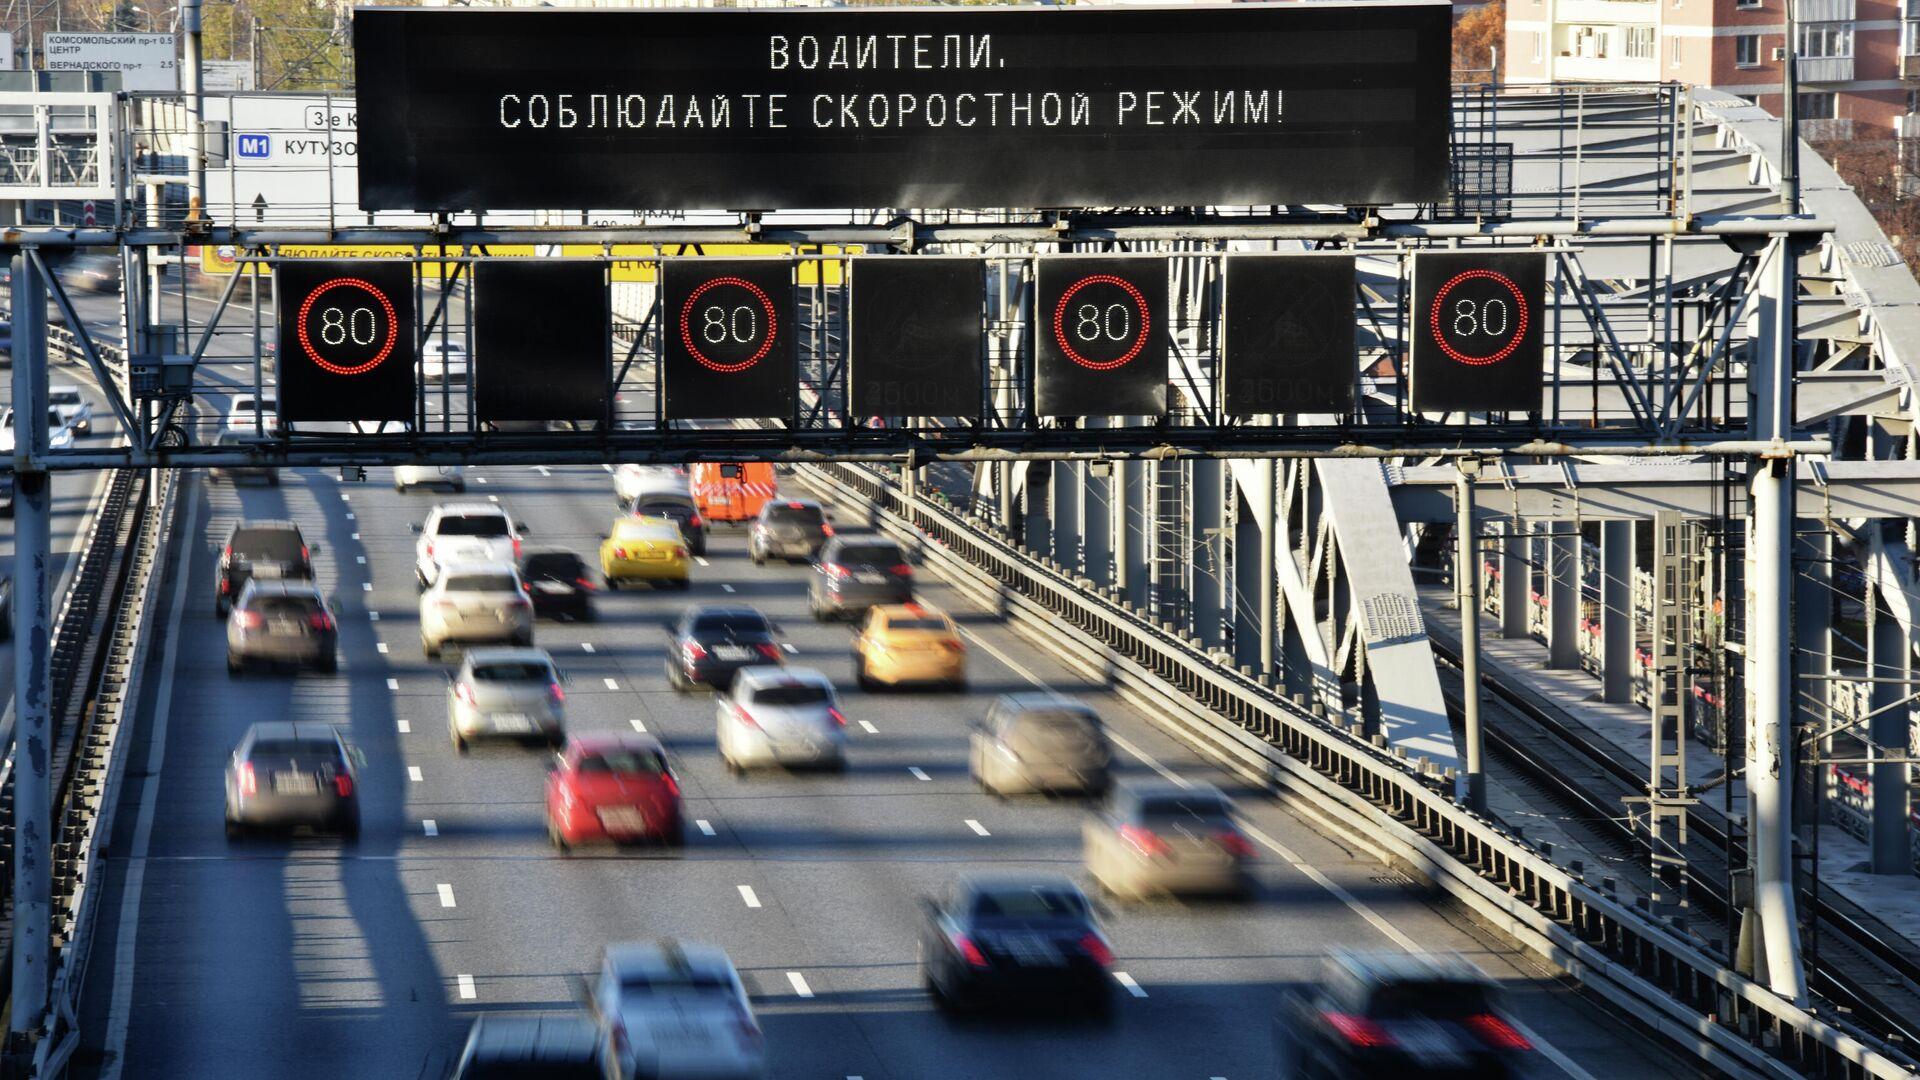 Предупреждение о соблюдении скоростного режима на Андреевском мосту - РИА Новости, 1920, 09.06.2021